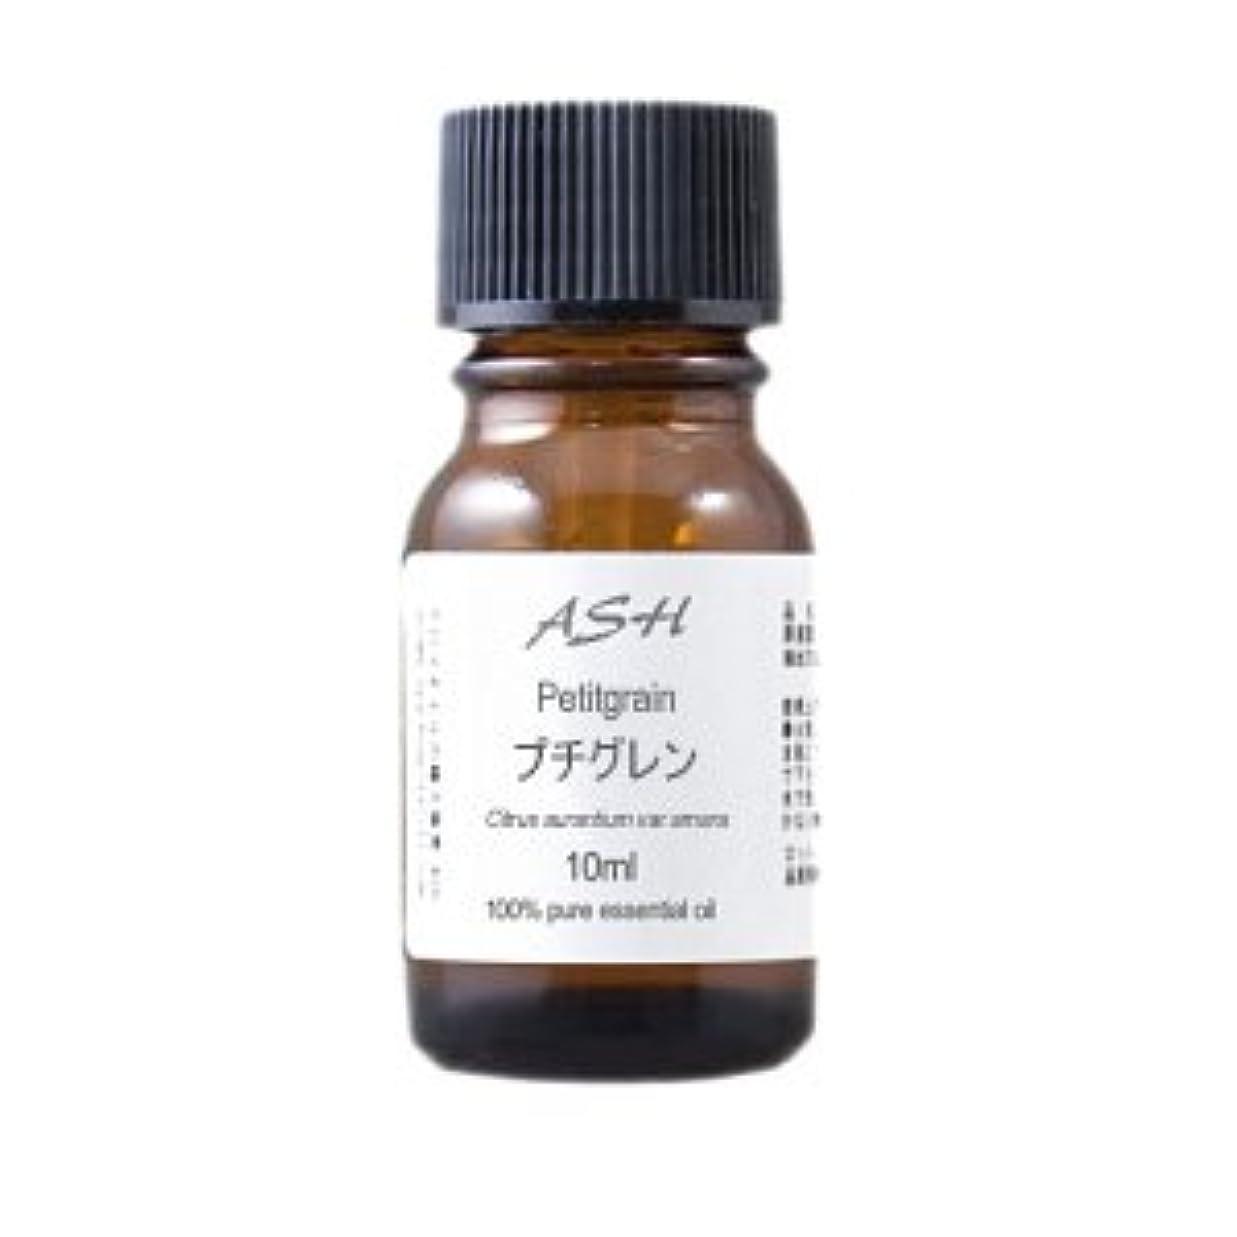 悪化させるなだめる国勢調査ASH プチグレン エッセンシャルオイル 10ml AEAJ表示基準適合認定精油